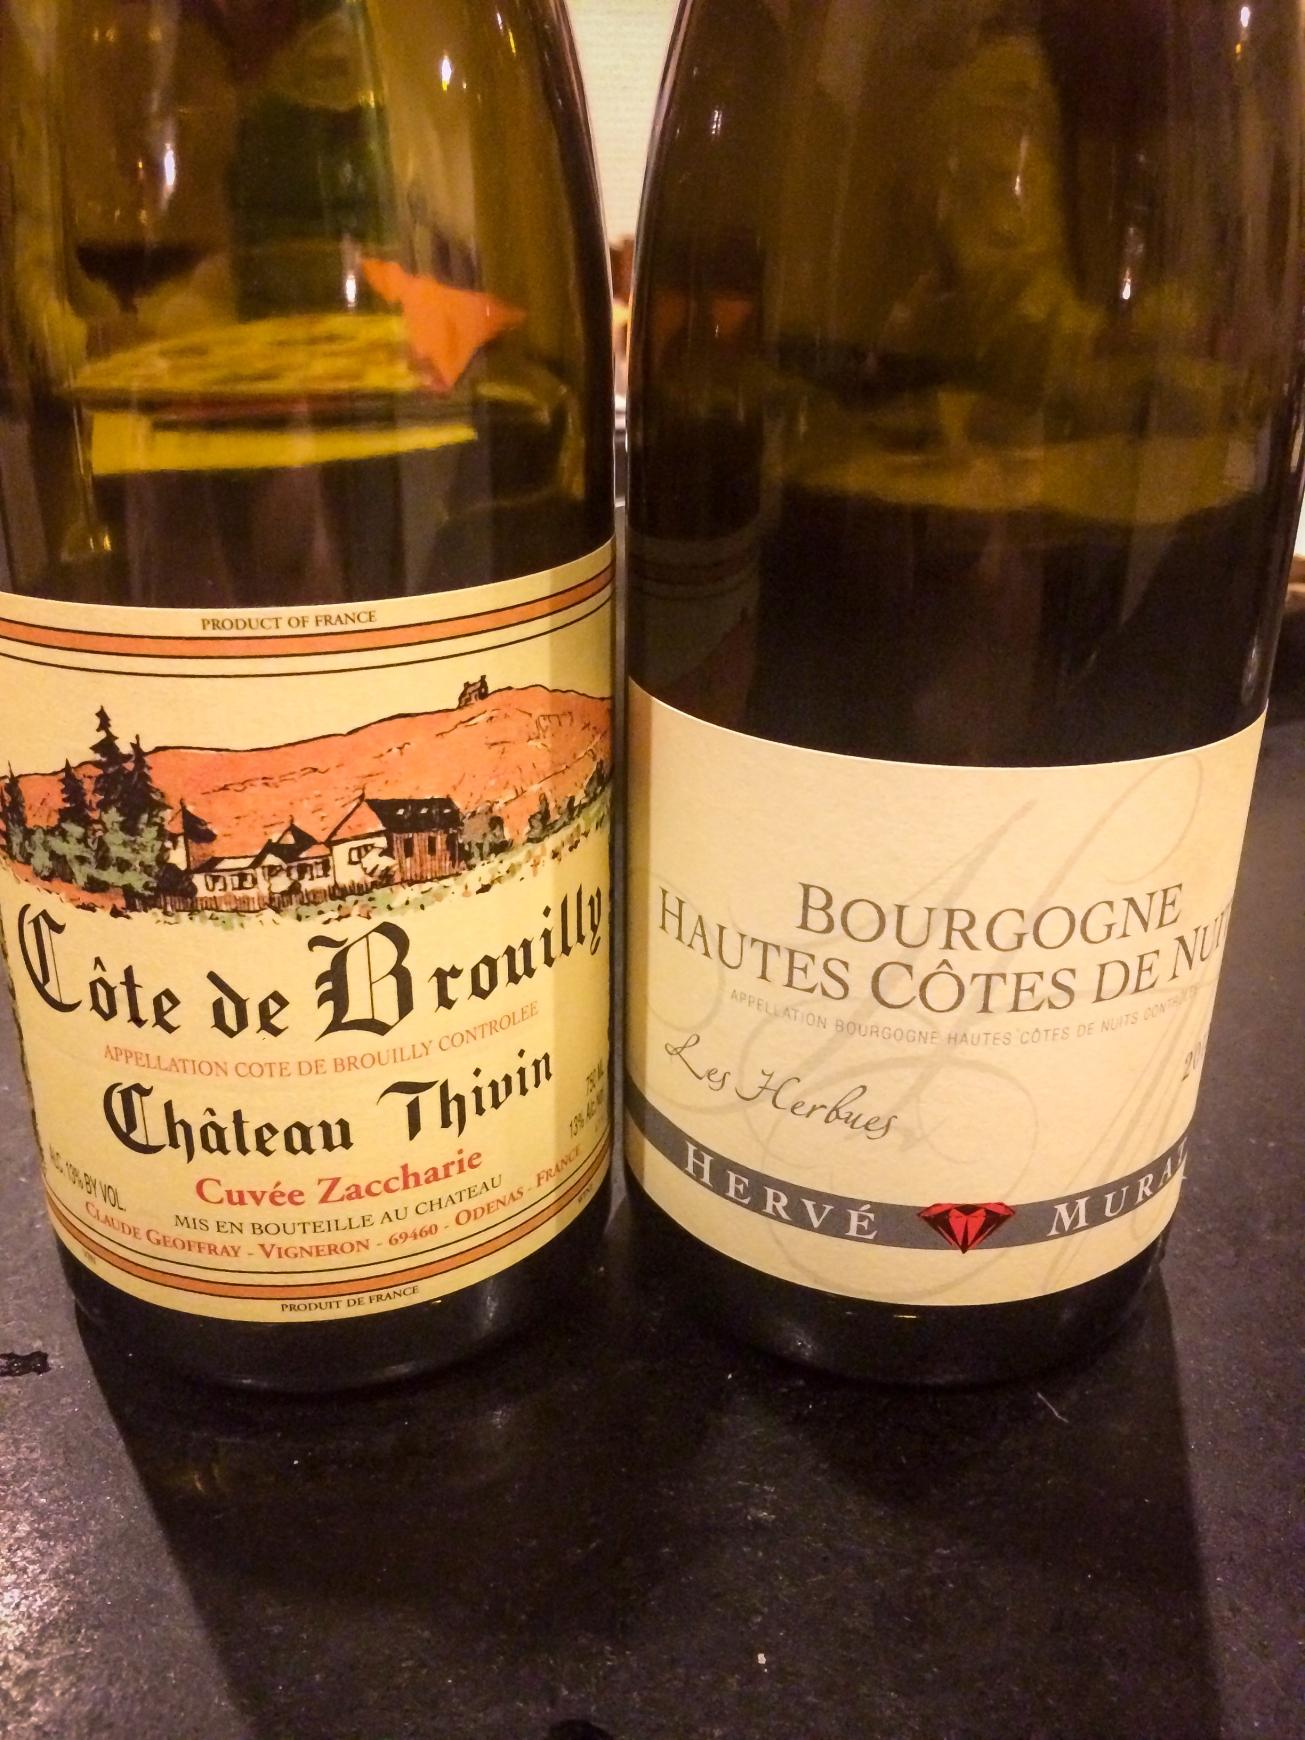 2012 Château Thivin Côte de Brouilly Cuvée Zaccharie Geoffray & 2012 Hervé Murat Bourgogne Hautes Côtes de Nuits Les Herbues